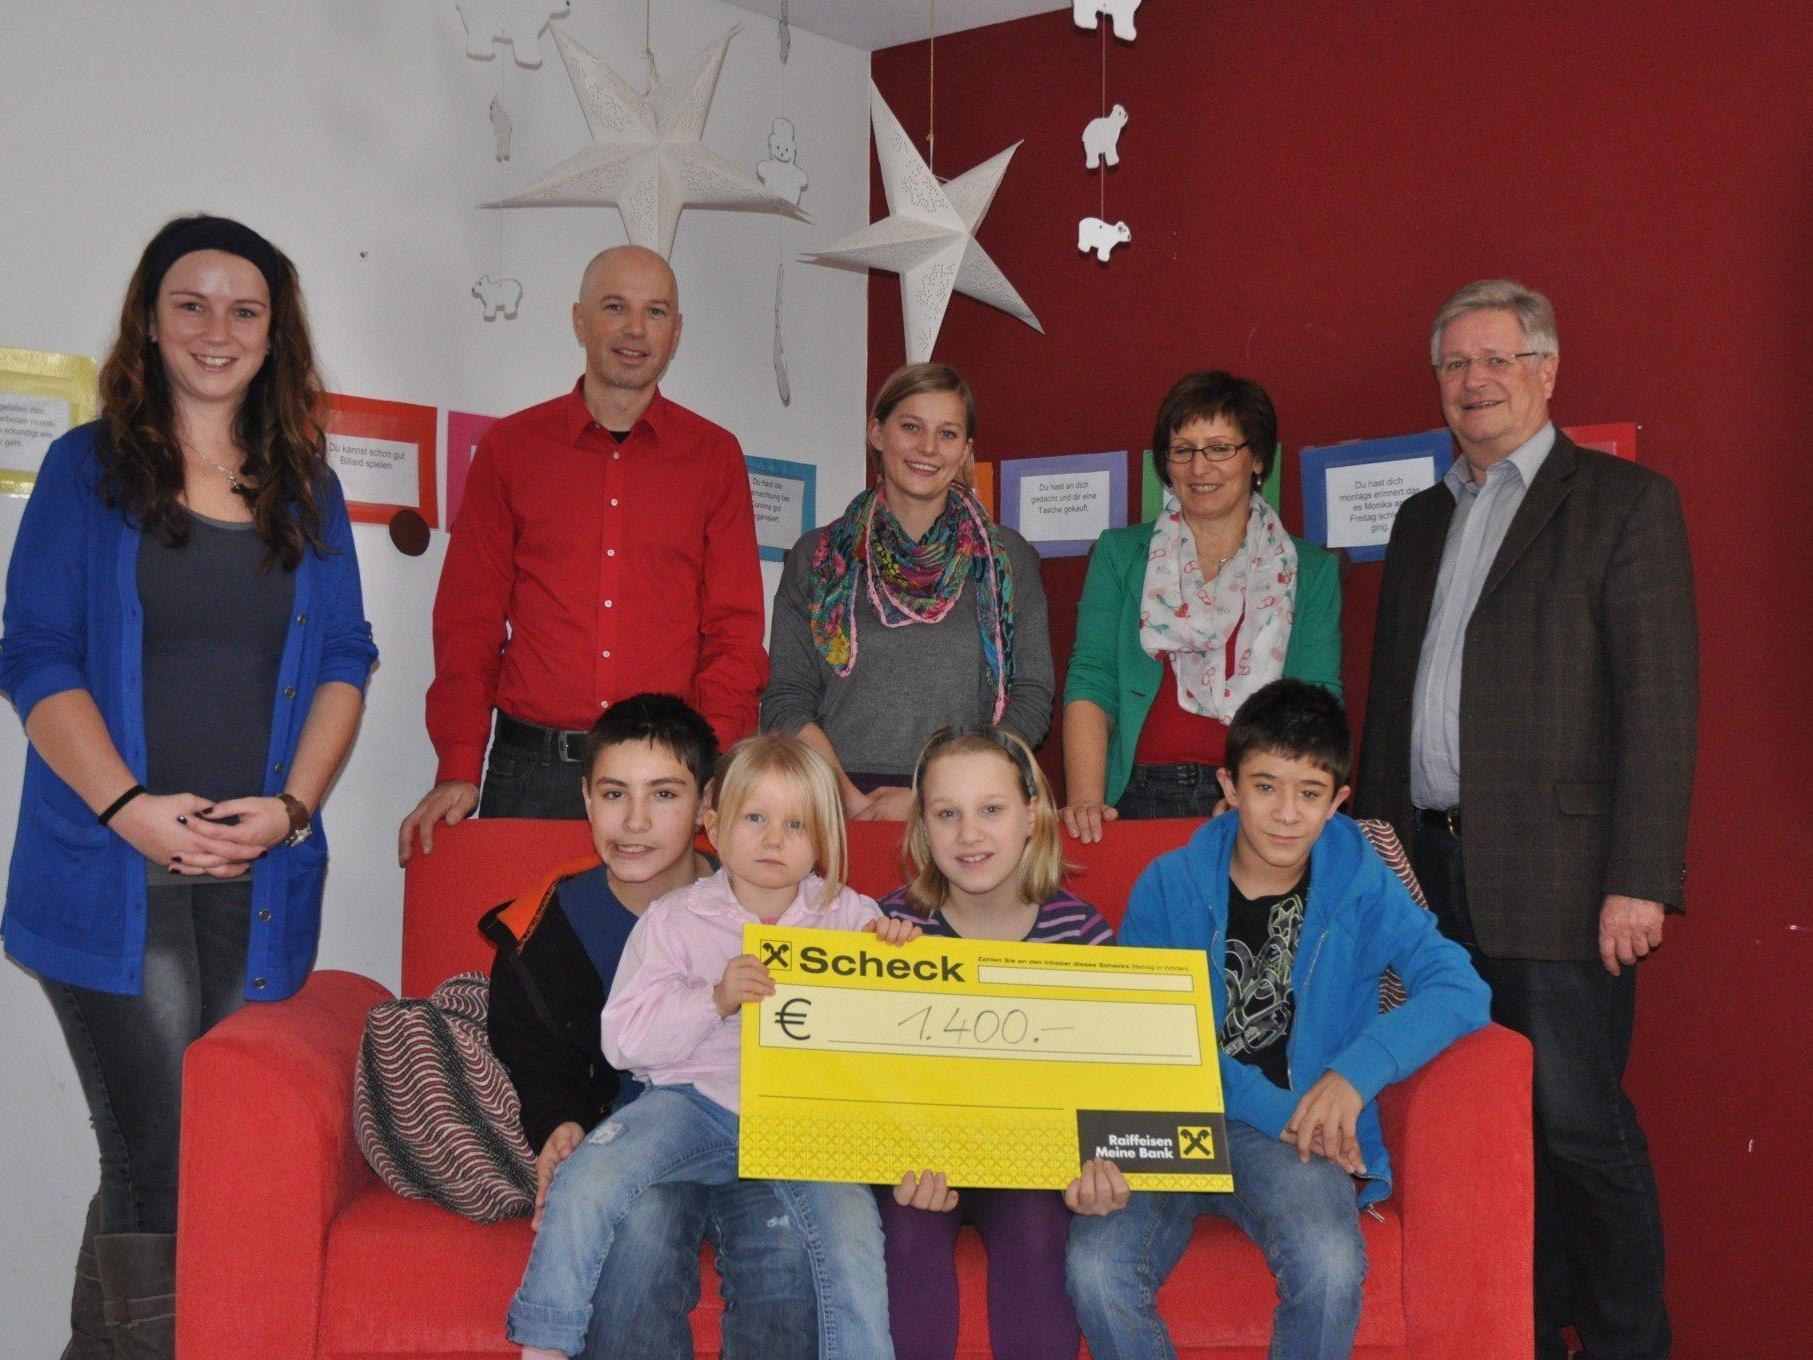 Martina Ender, Markus Müller und Maria Simma (alle Jupident), freuten sich zusammen mit den Kindern bei der Spendenübergabe durch Roswitha Fritz und Kurt Ludescher.